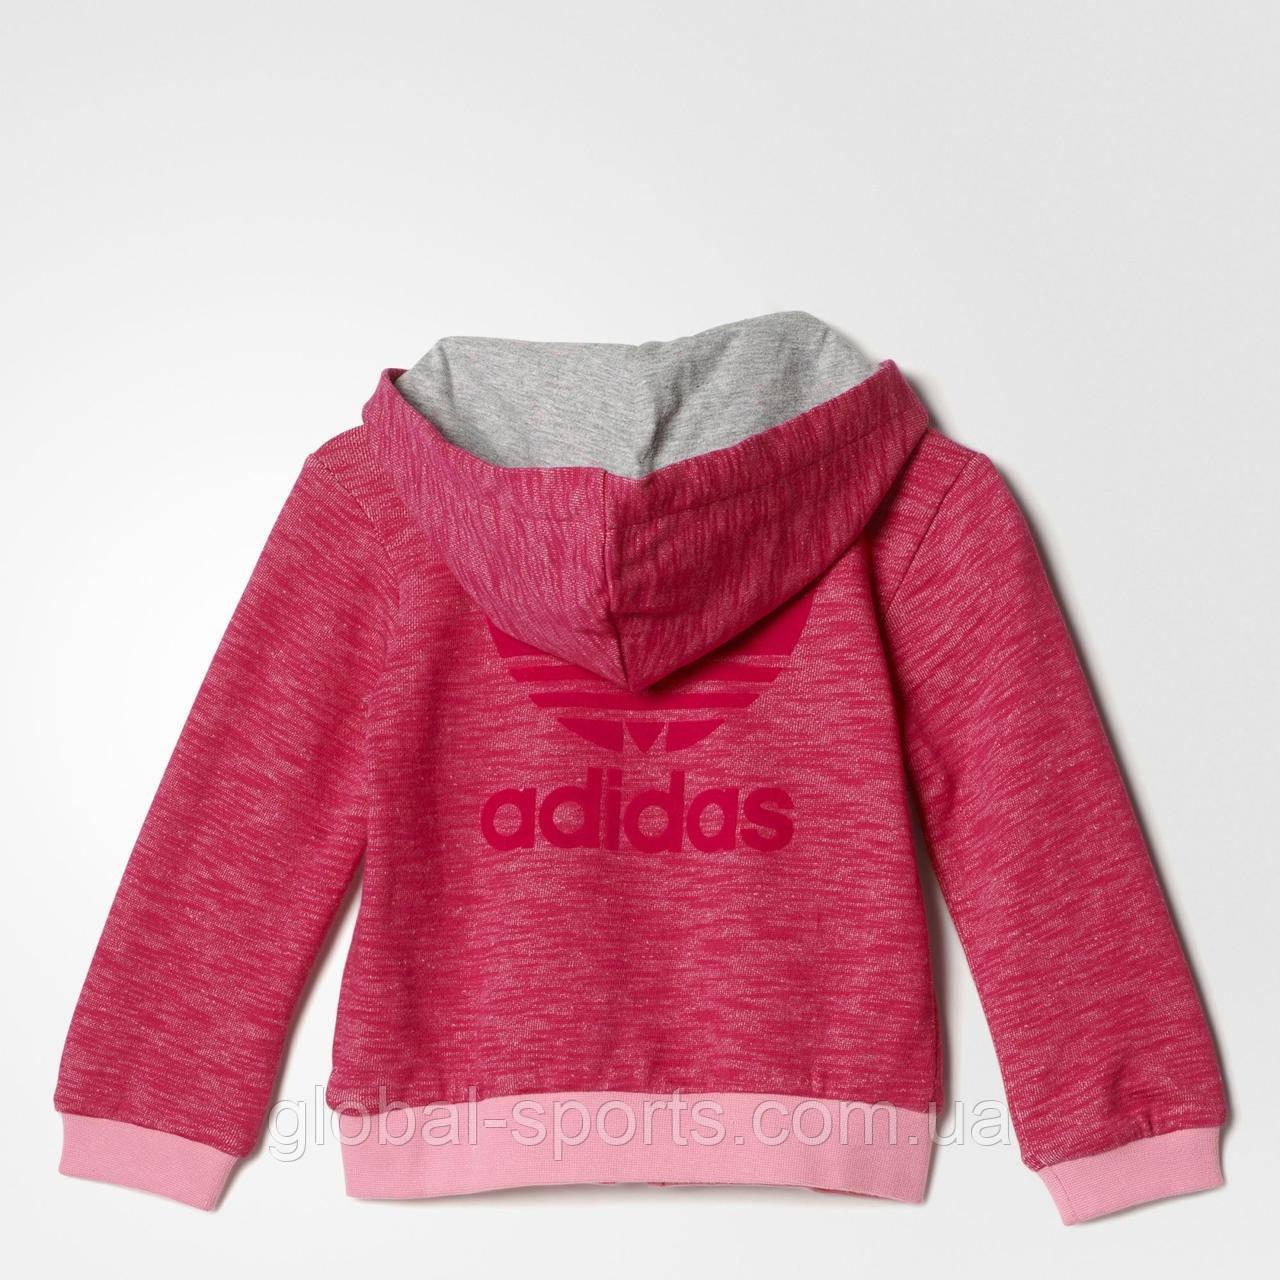 9c1d7b382cd61a ... Детский спортивный костюм Adidas Originals Trefoil Log(Артикул:BK4633),  ...